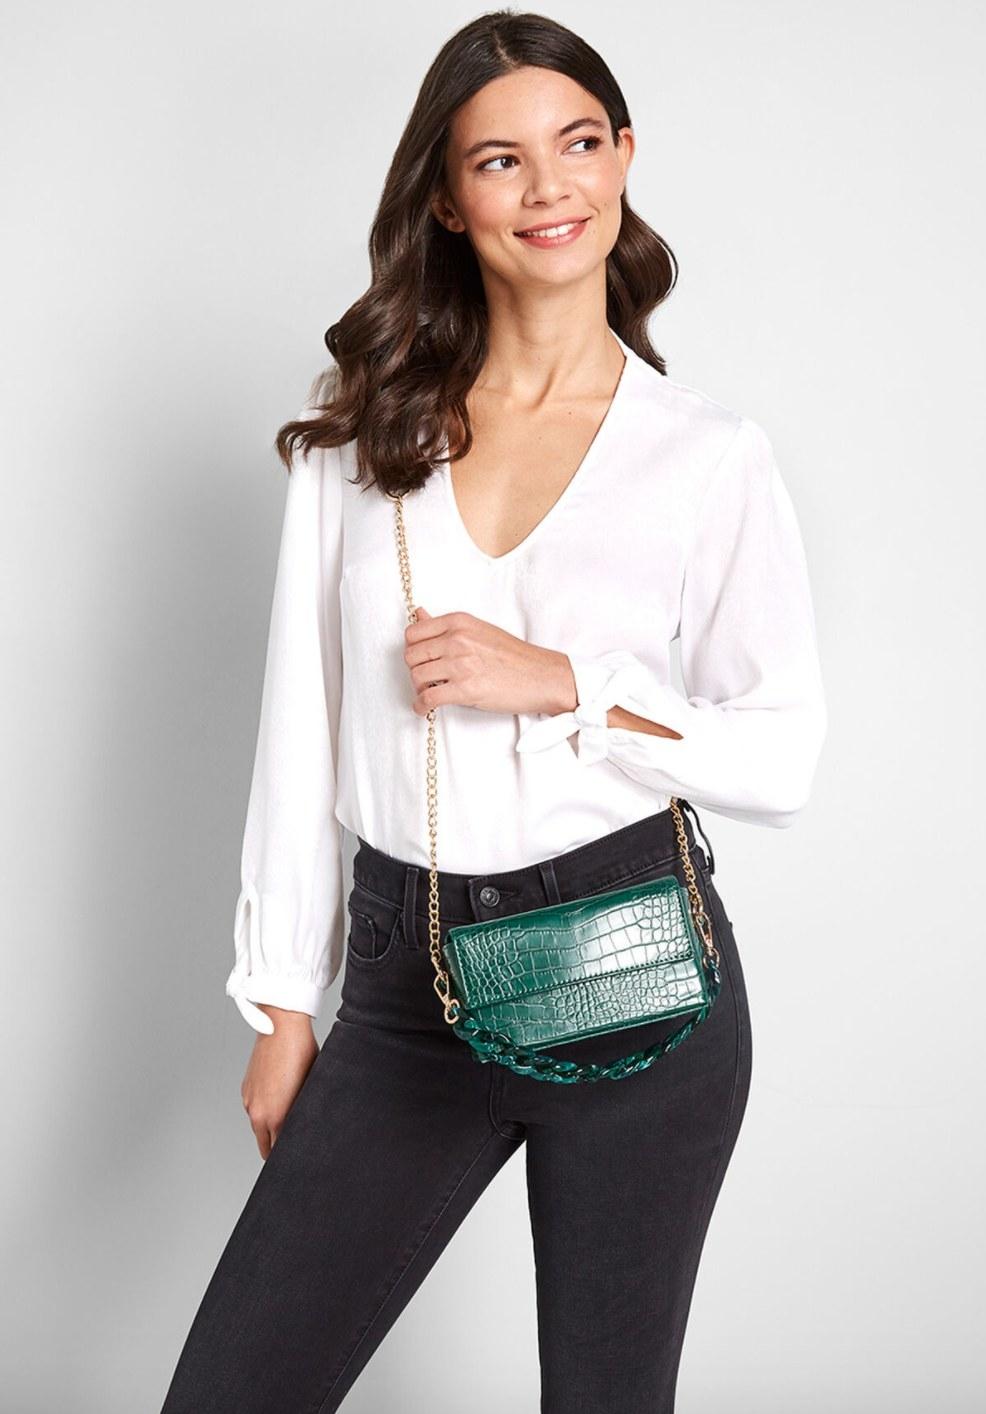 The hunter green purse/ clutch